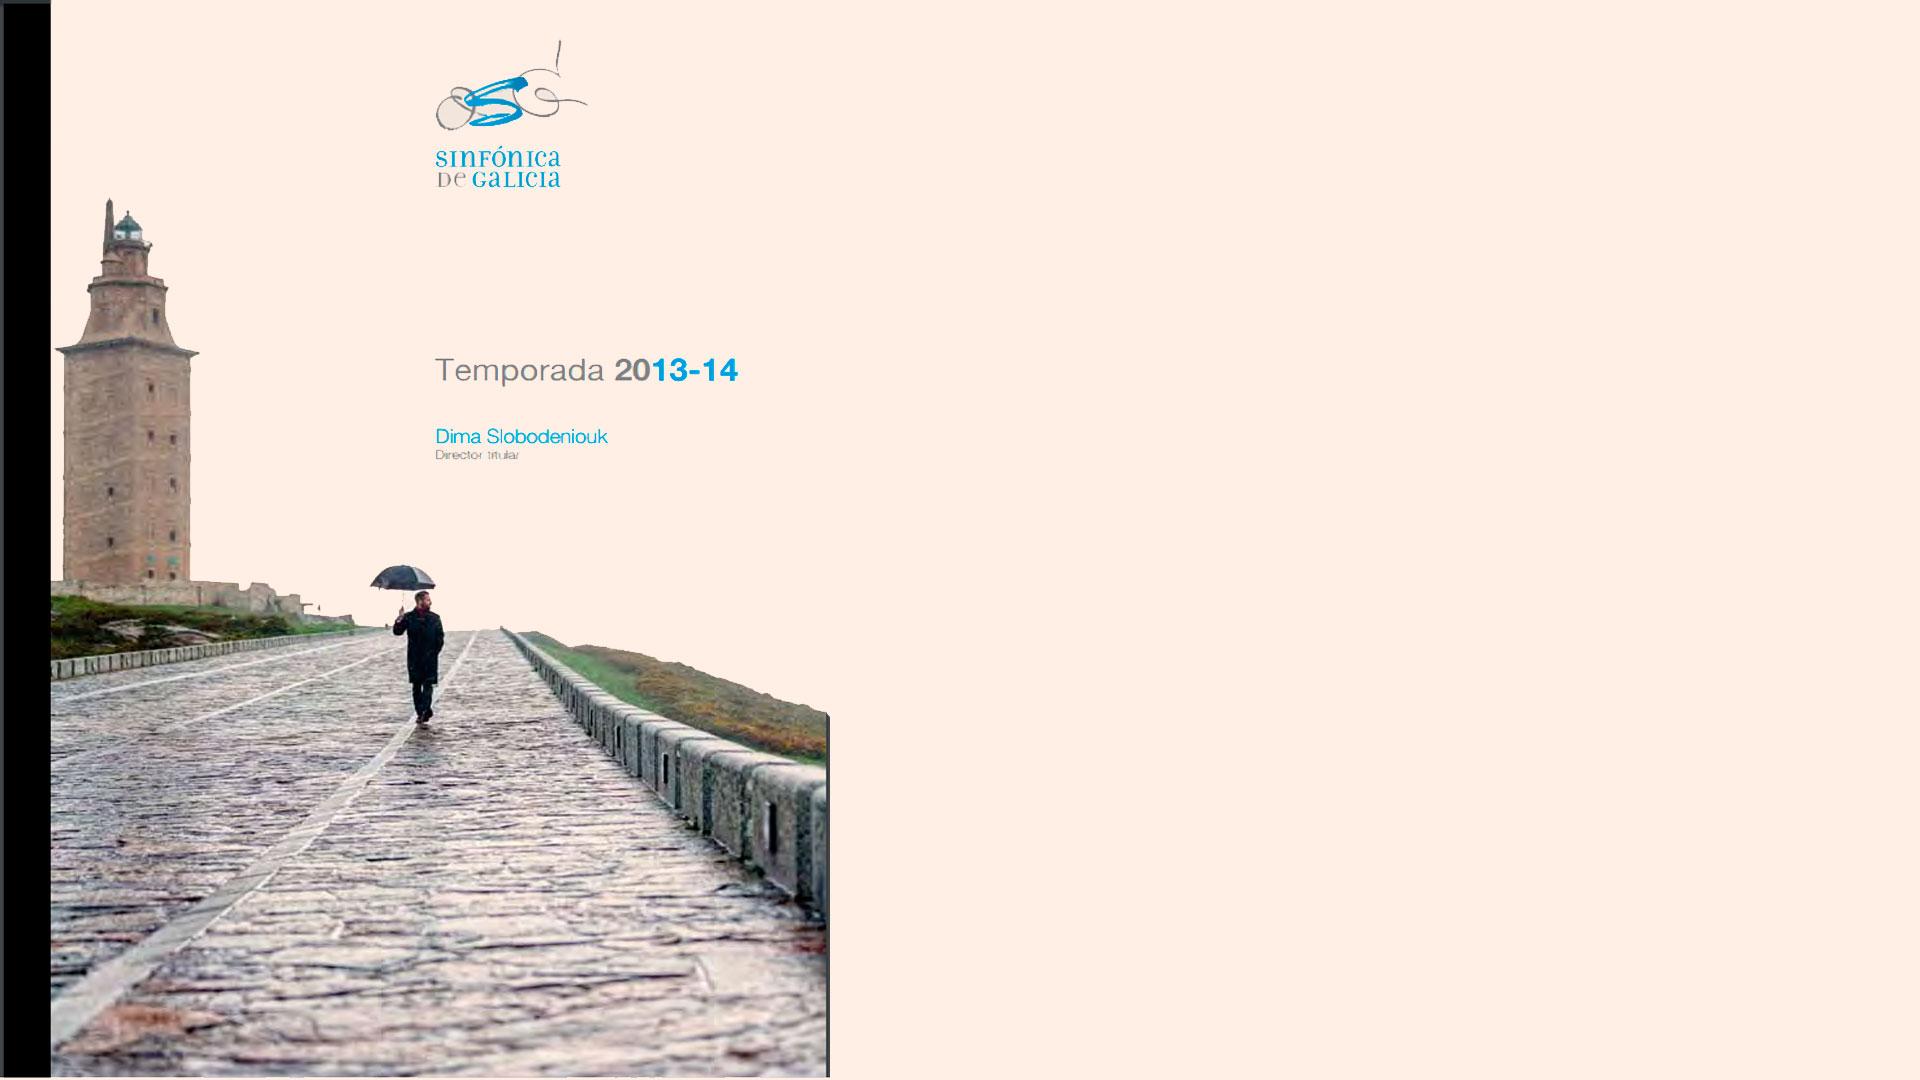 La Orquesta Sinfónica de Galicia pone a la venta los abonos para el ciclo de conciertos Abono Sábado de su nueva temporada 2013-2014